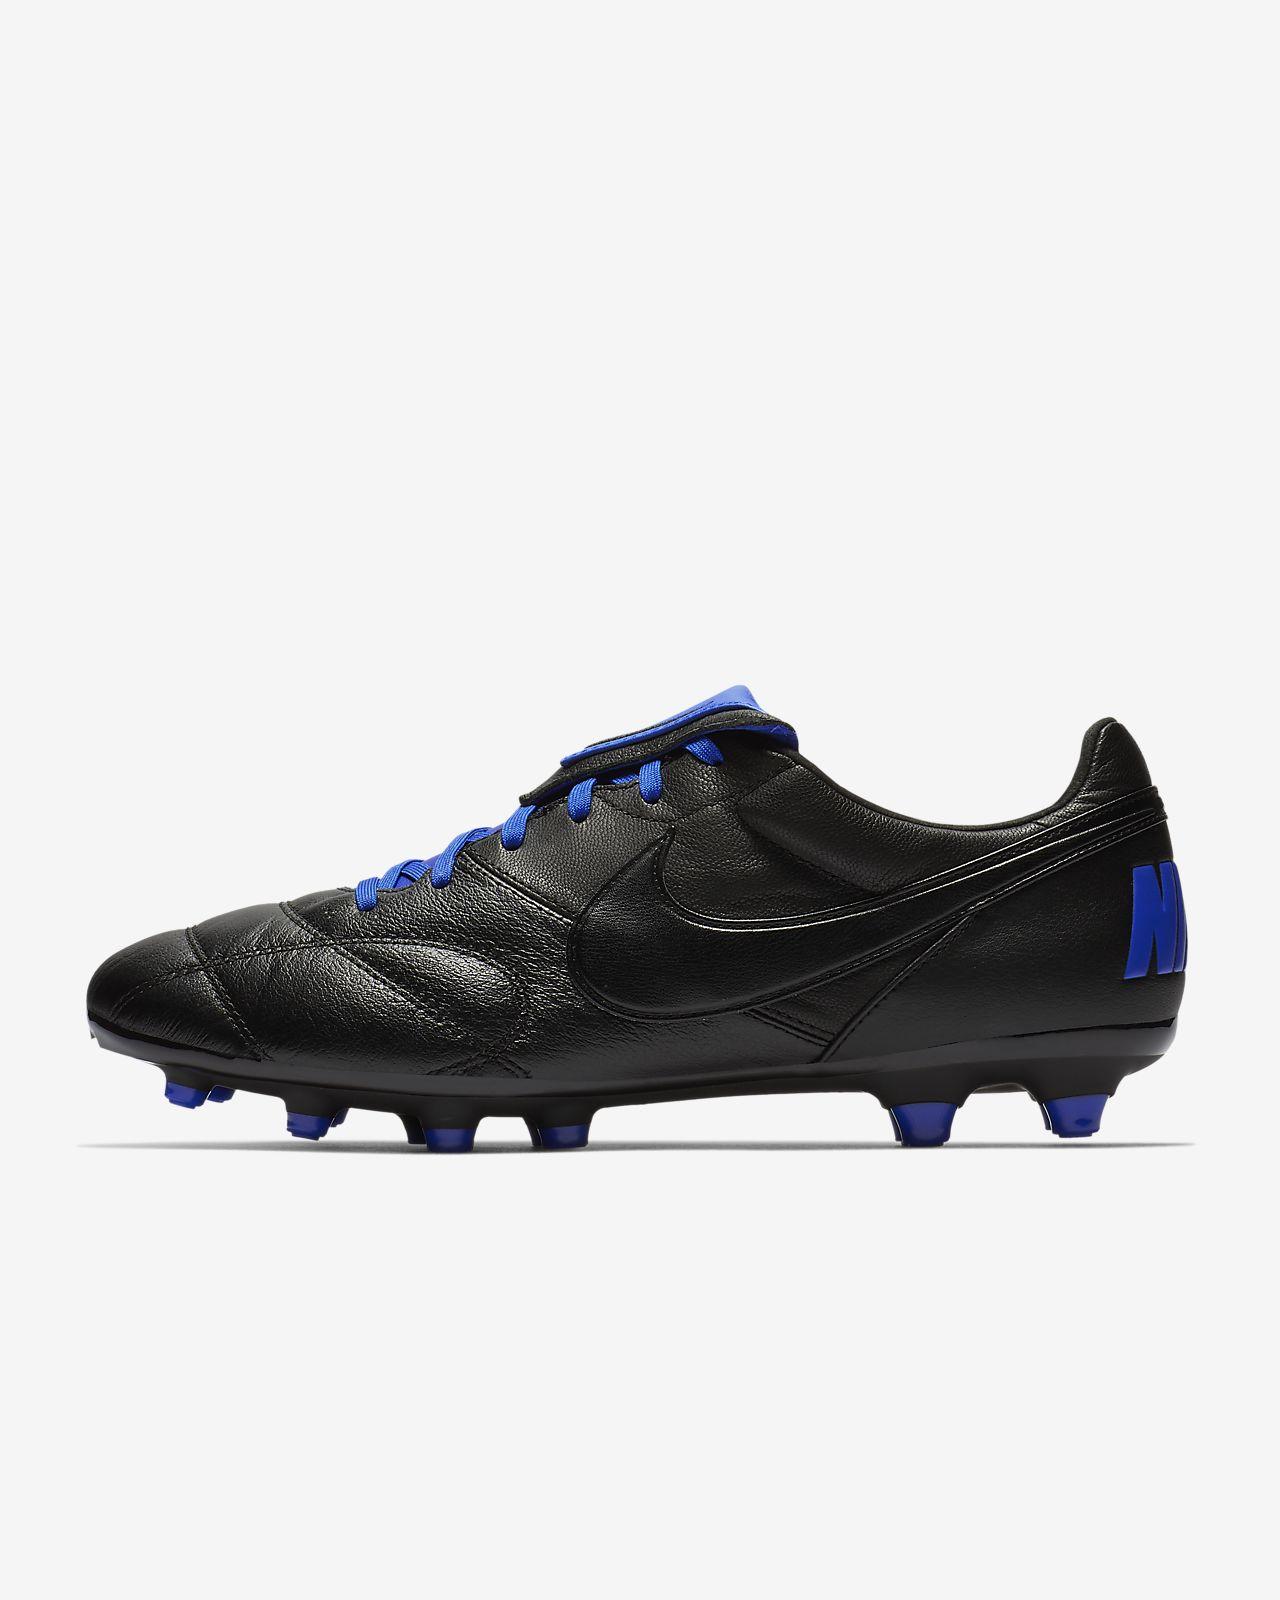 รองเท้าสตั๊ดฟุตบอลสำหรับพื้นสนามทั่วไป Nike Premier II FG